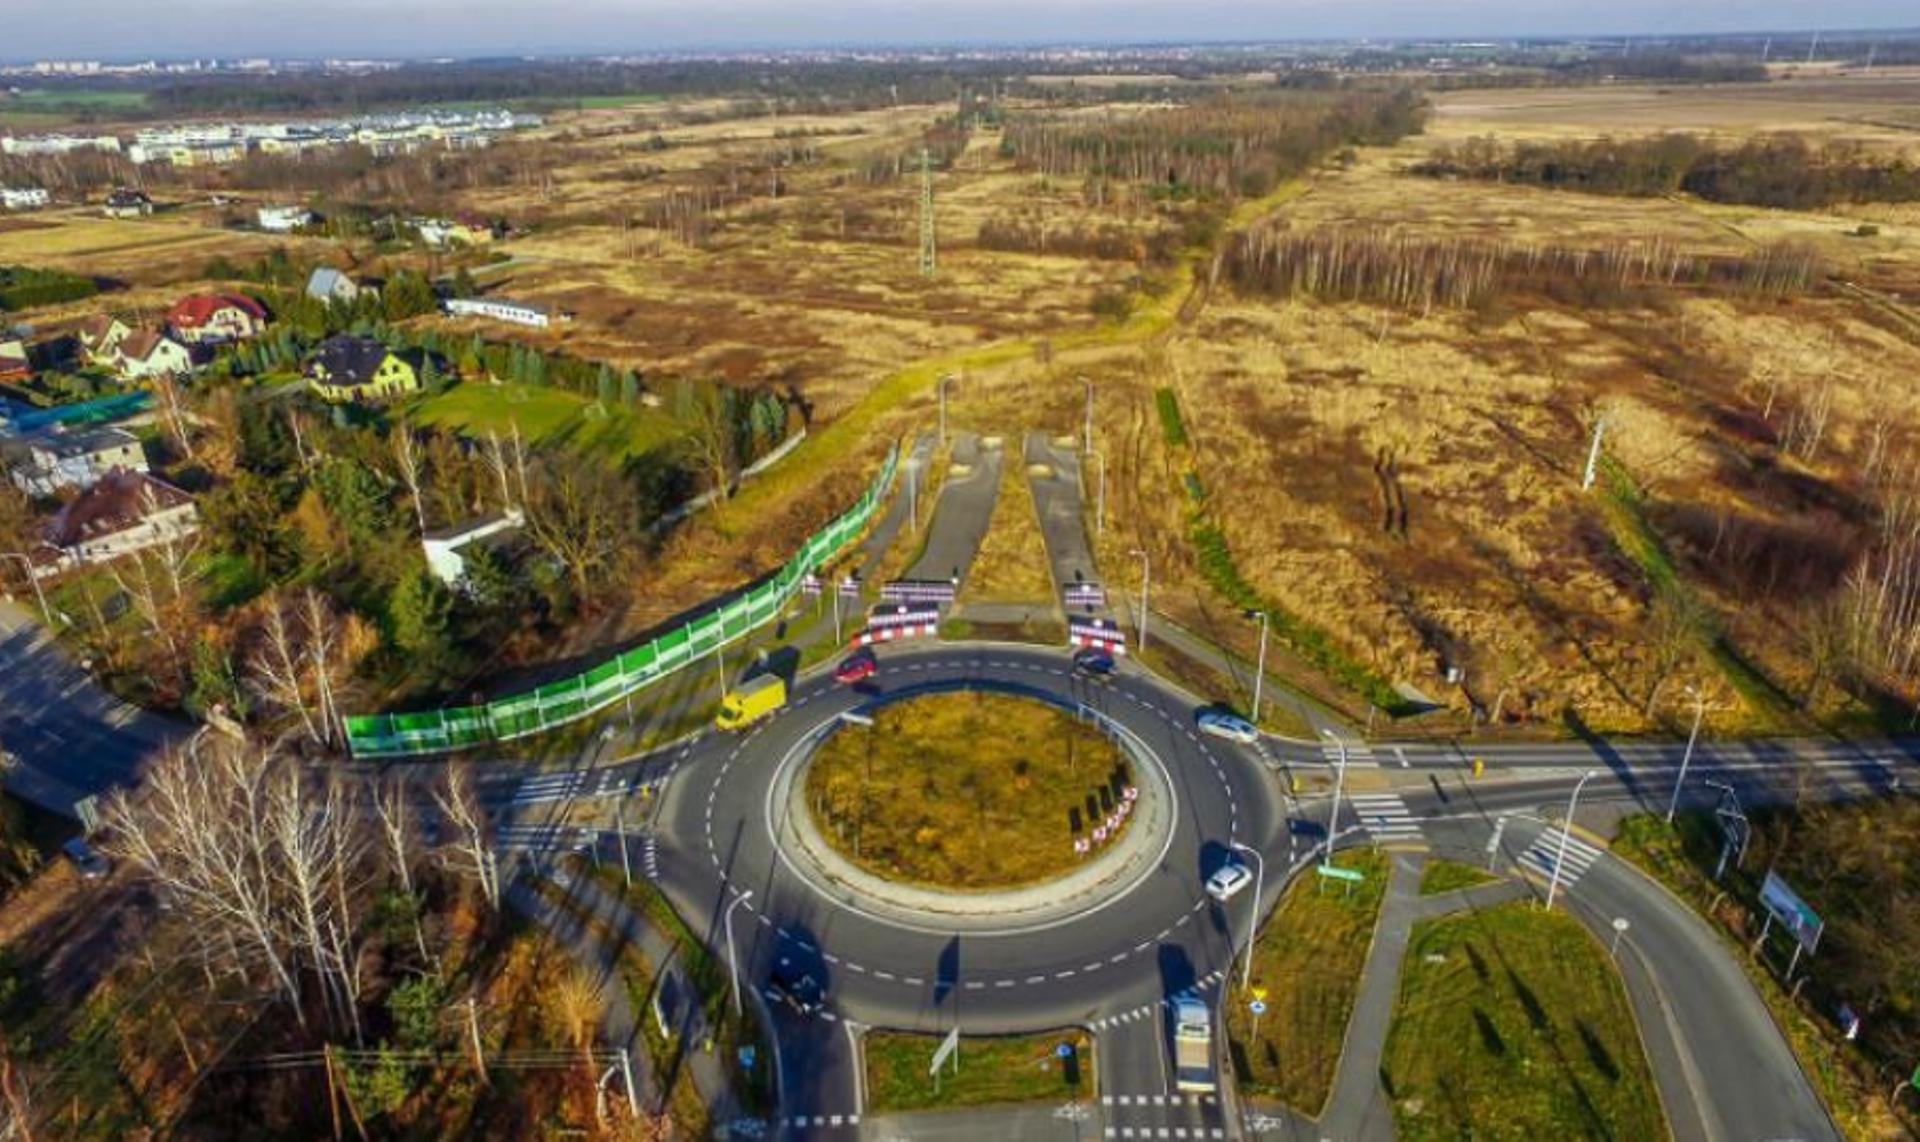 Przedsiębiorstwo Inwestycji Mieszkaniowych zbuduje mieszkania przy wschodniej granicy Wrocławia